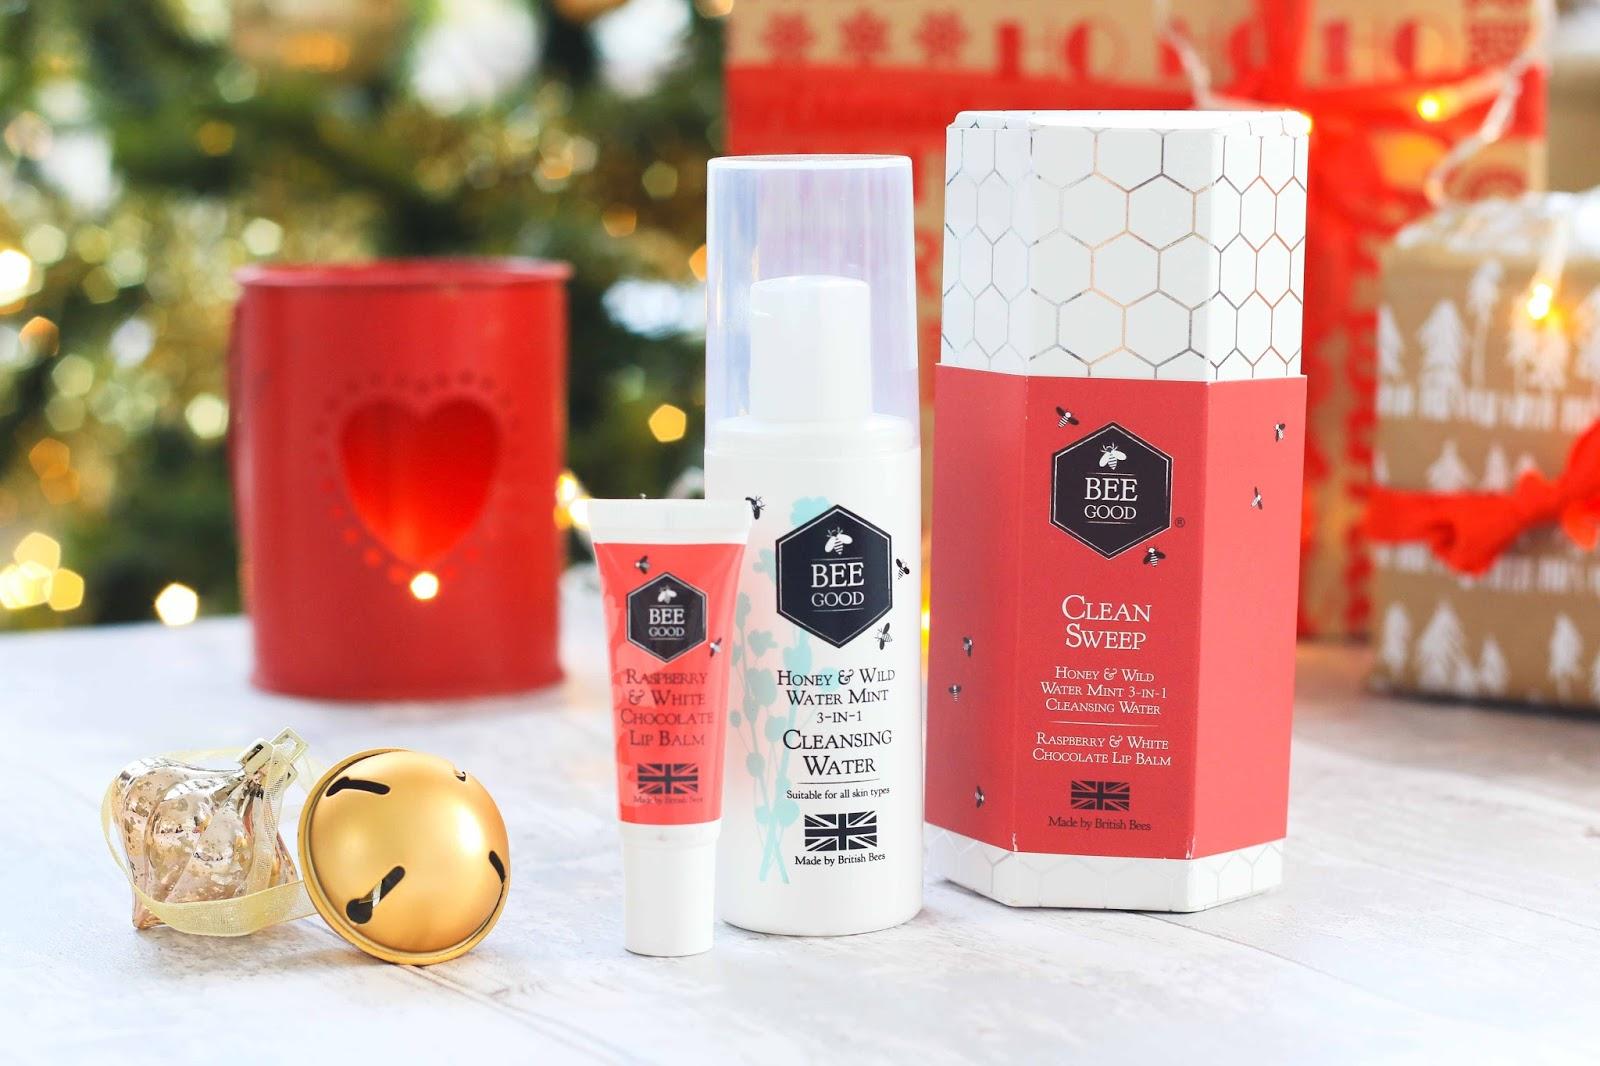 Beegood skincare gift set